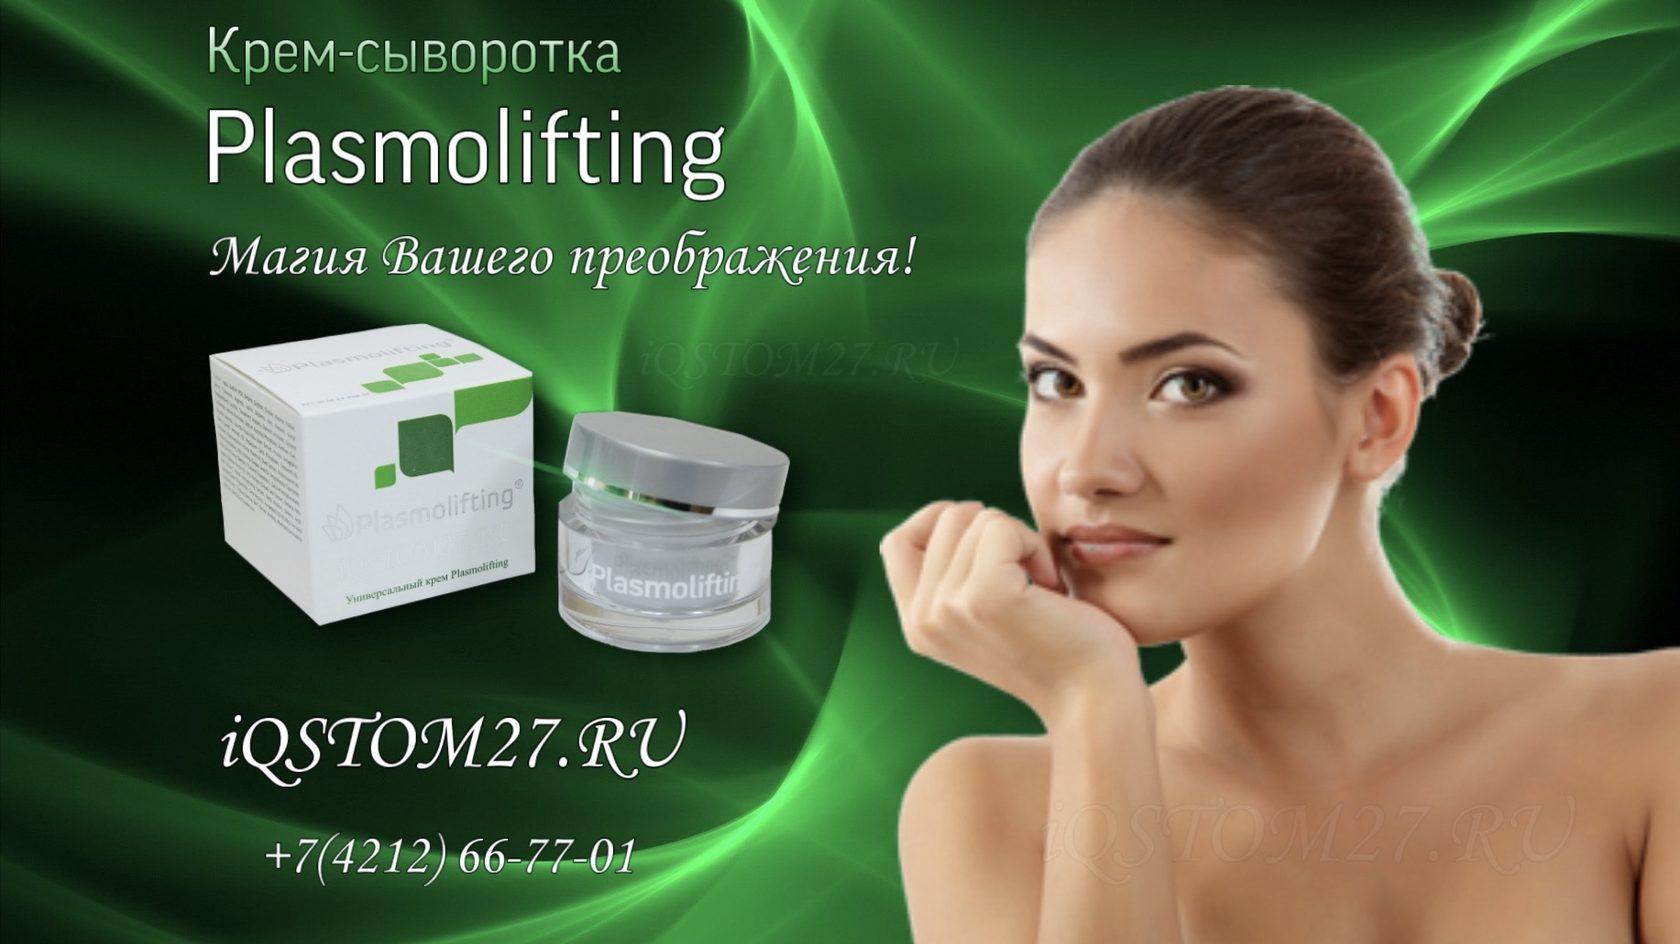 Где купить крем-сыворотку Плазмолифтинг™ для кожи лица